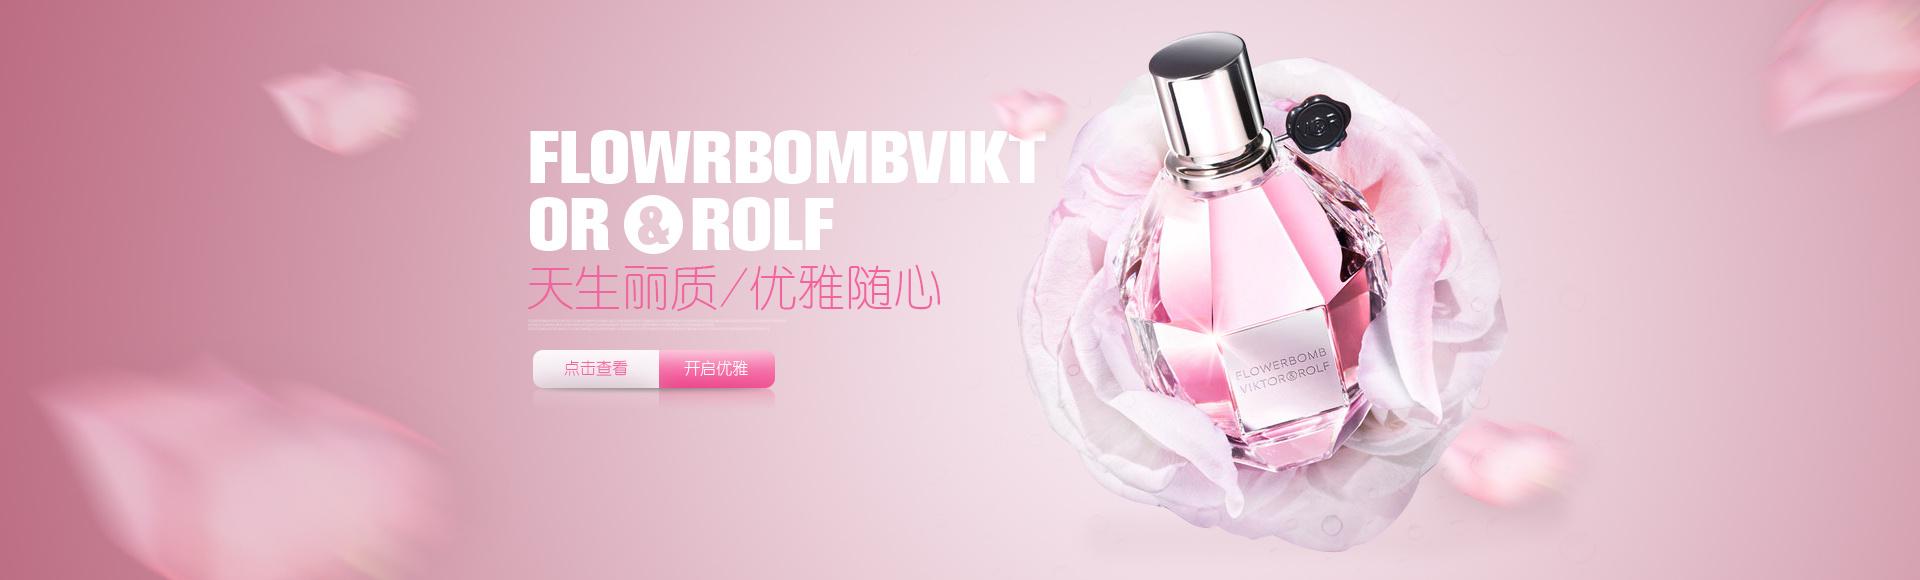 香水海报|网页|banner/广告图|倾听小小 - 原创作品